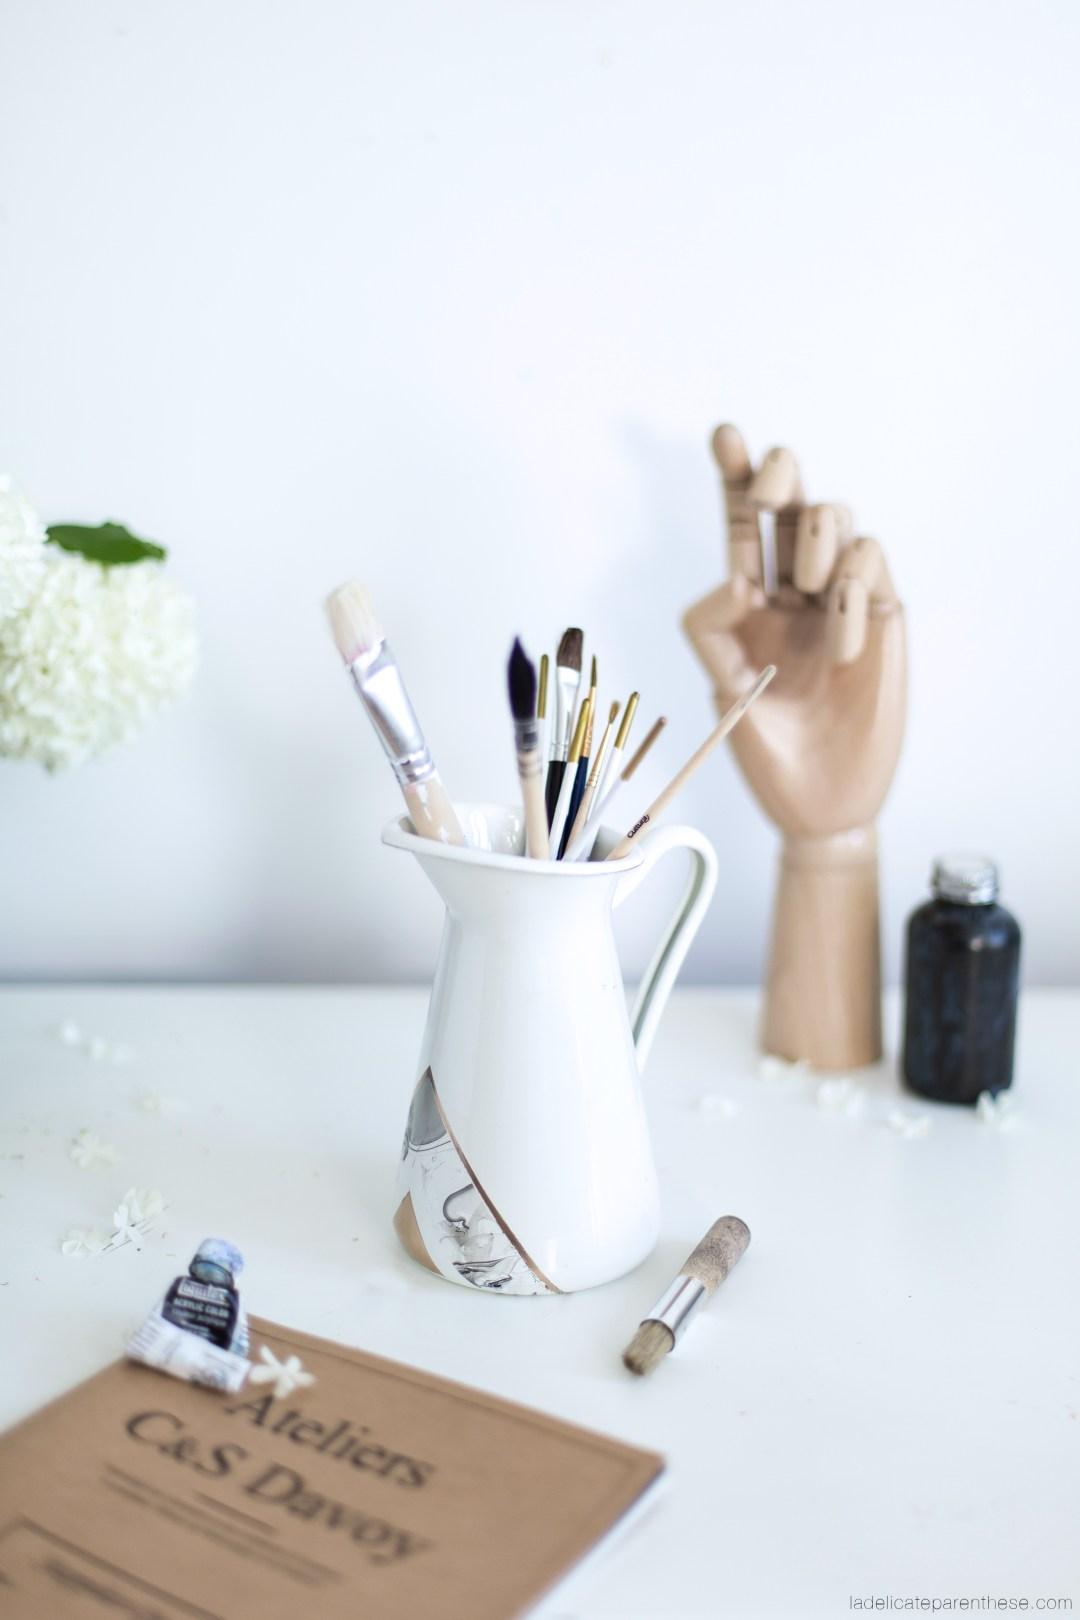 personnaliser un vase ikea avec du vernis pour un effet marbré